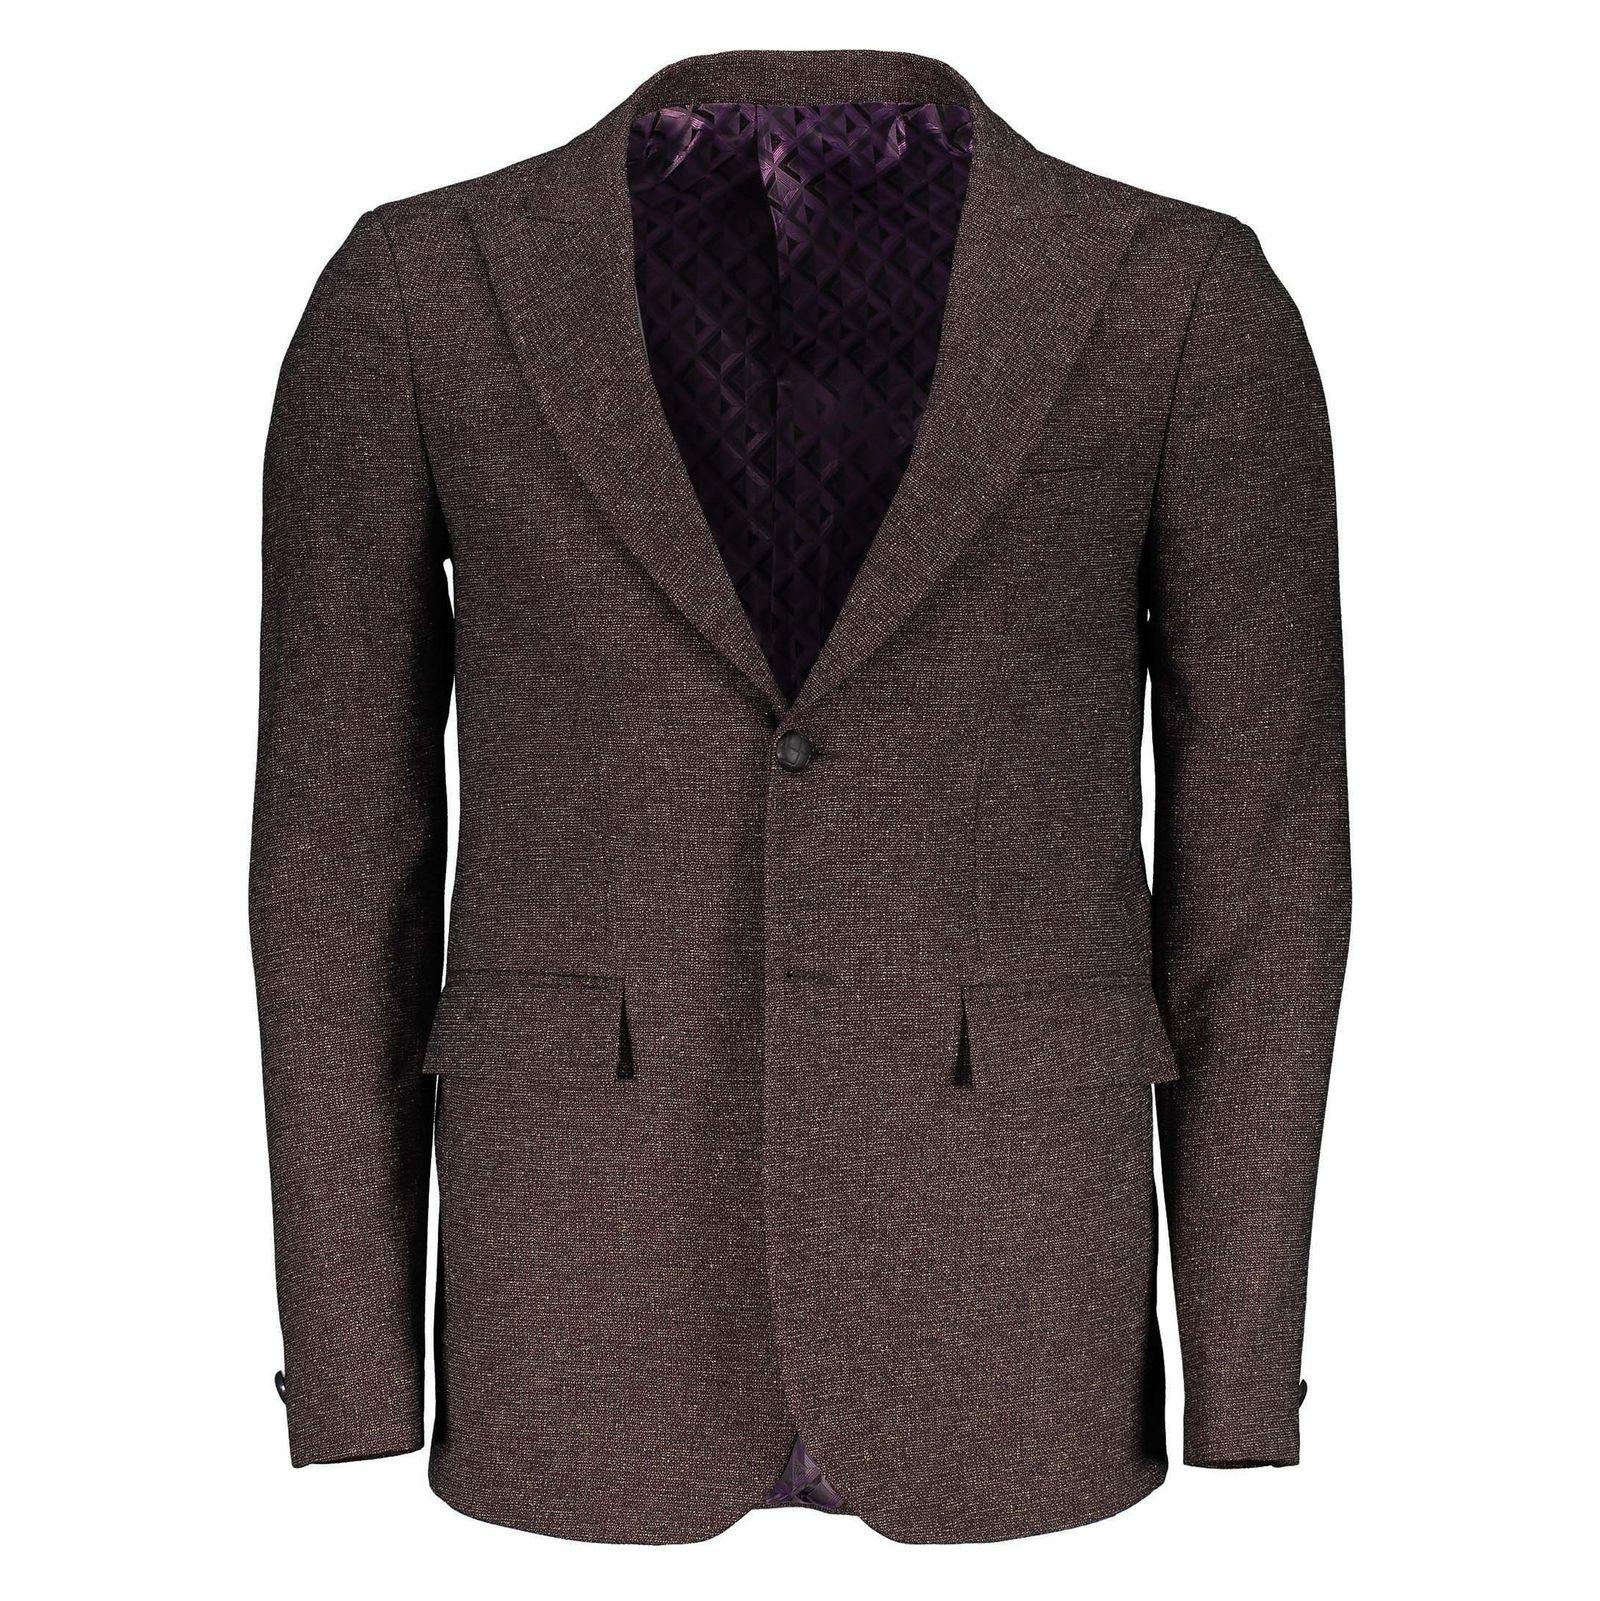 کت تک غیر رسمی مردانه - خانه مد راد - بنفش - 1